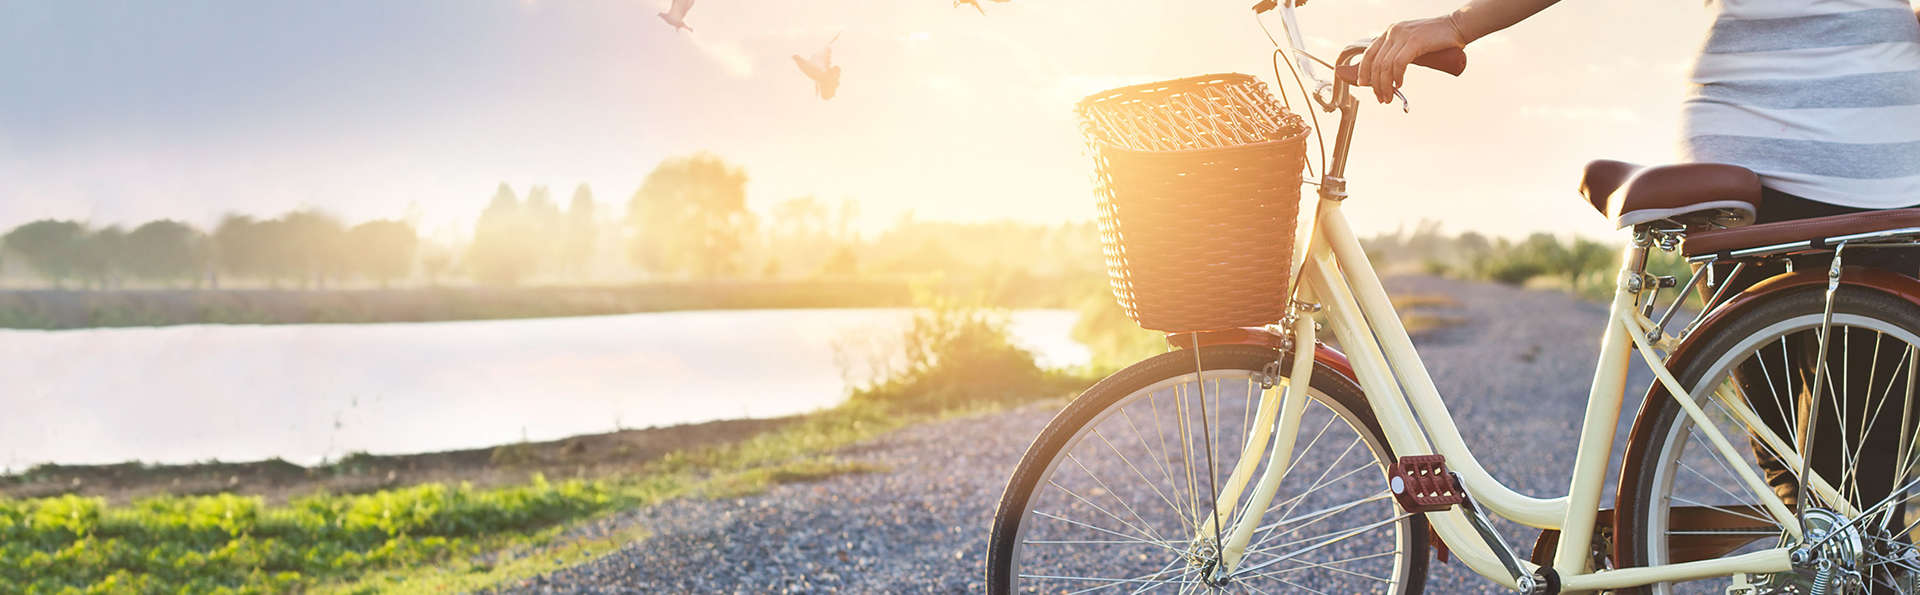 Pasea en bicicleta por el bosque de Roermond (desde 2 noches)